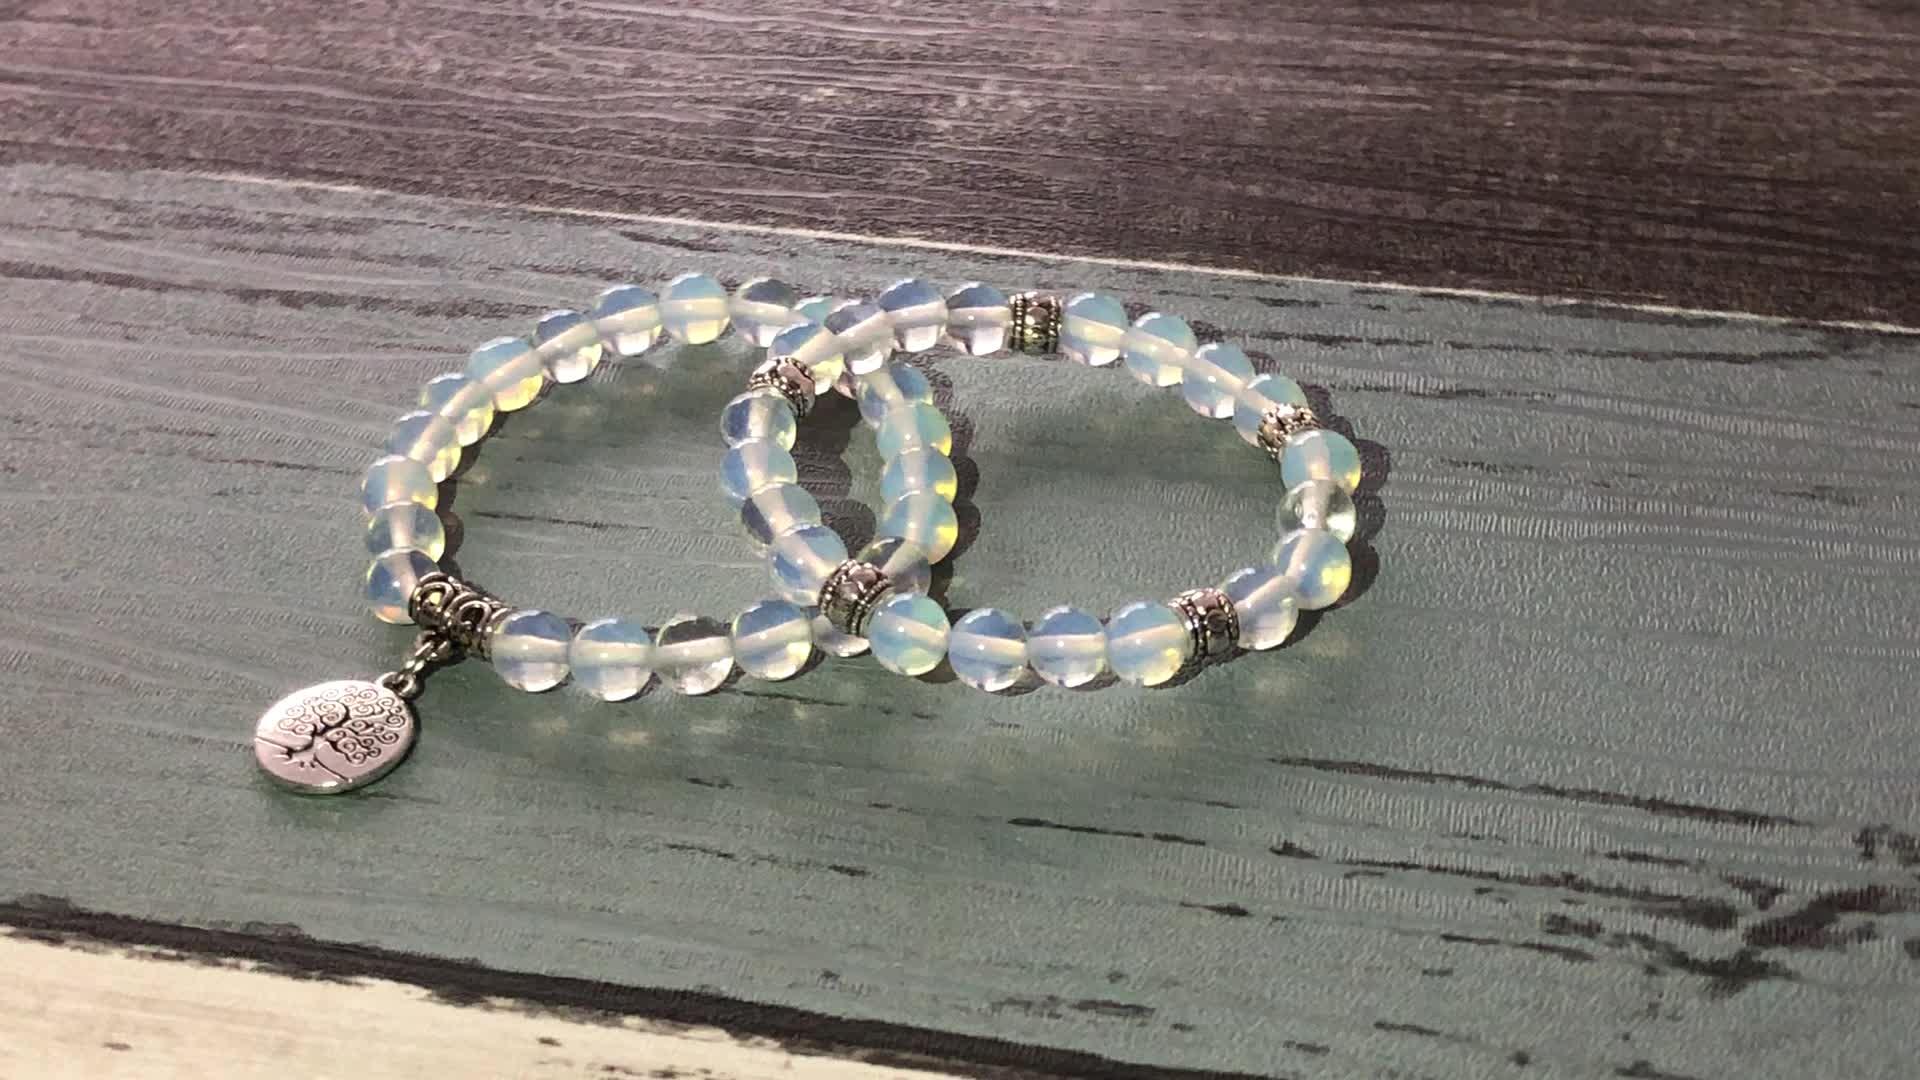 SN1722 Long Distance Relationship Bracelets 6mm Mala Beads Beaded Gray Map Jasper Bracelet For Couples Gift